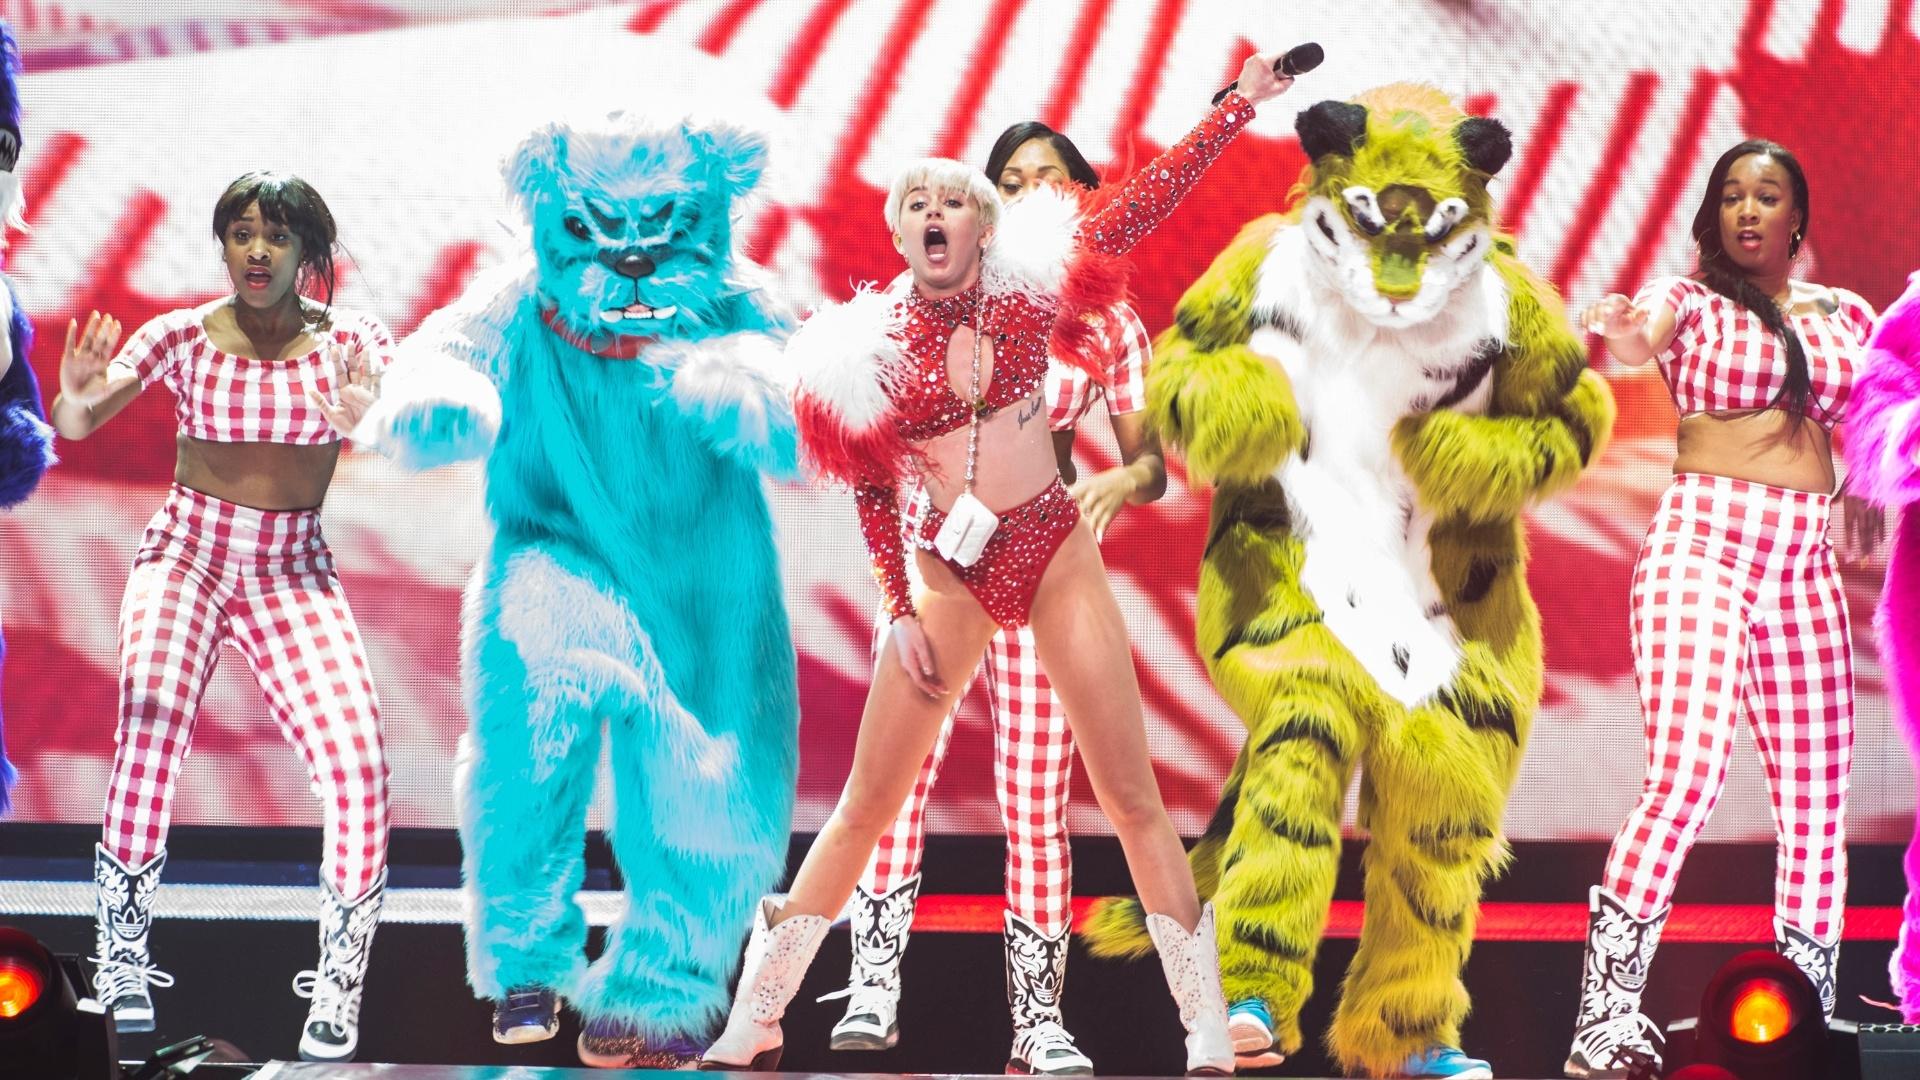 15.fev.2014 - Nova turnê da cantora Miley Cyrus também tem espaço para a fofura, com bailarinos vestidos de bichos de pelúcia